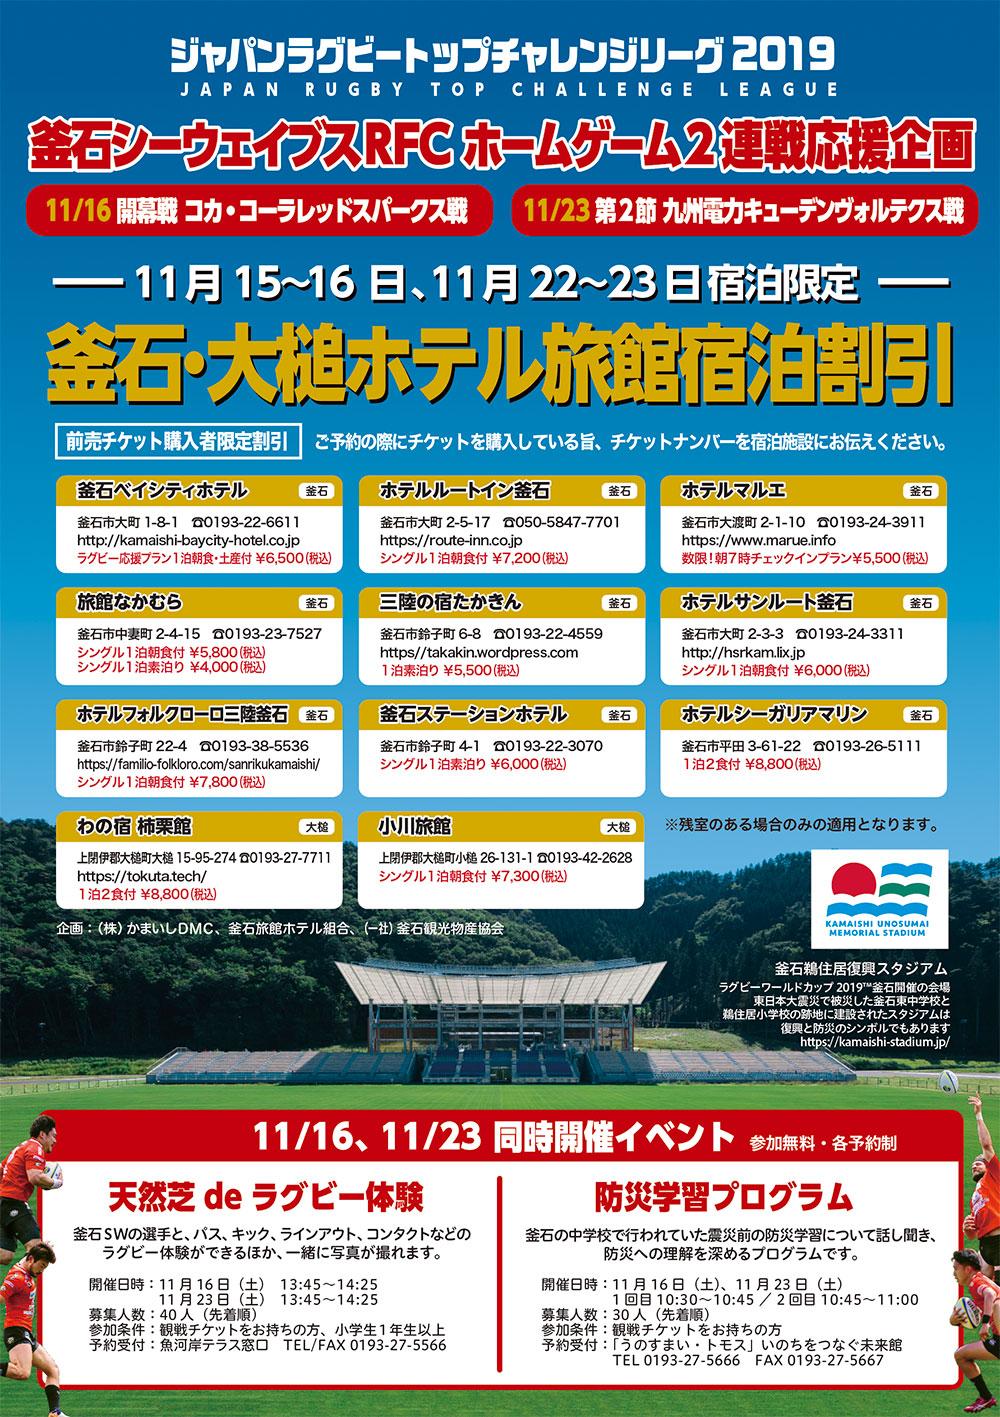 釜石シーウェイブスRFC ホームゲーム2連戦応援企画 釜石・大槌ホテル旅館宿泊割引